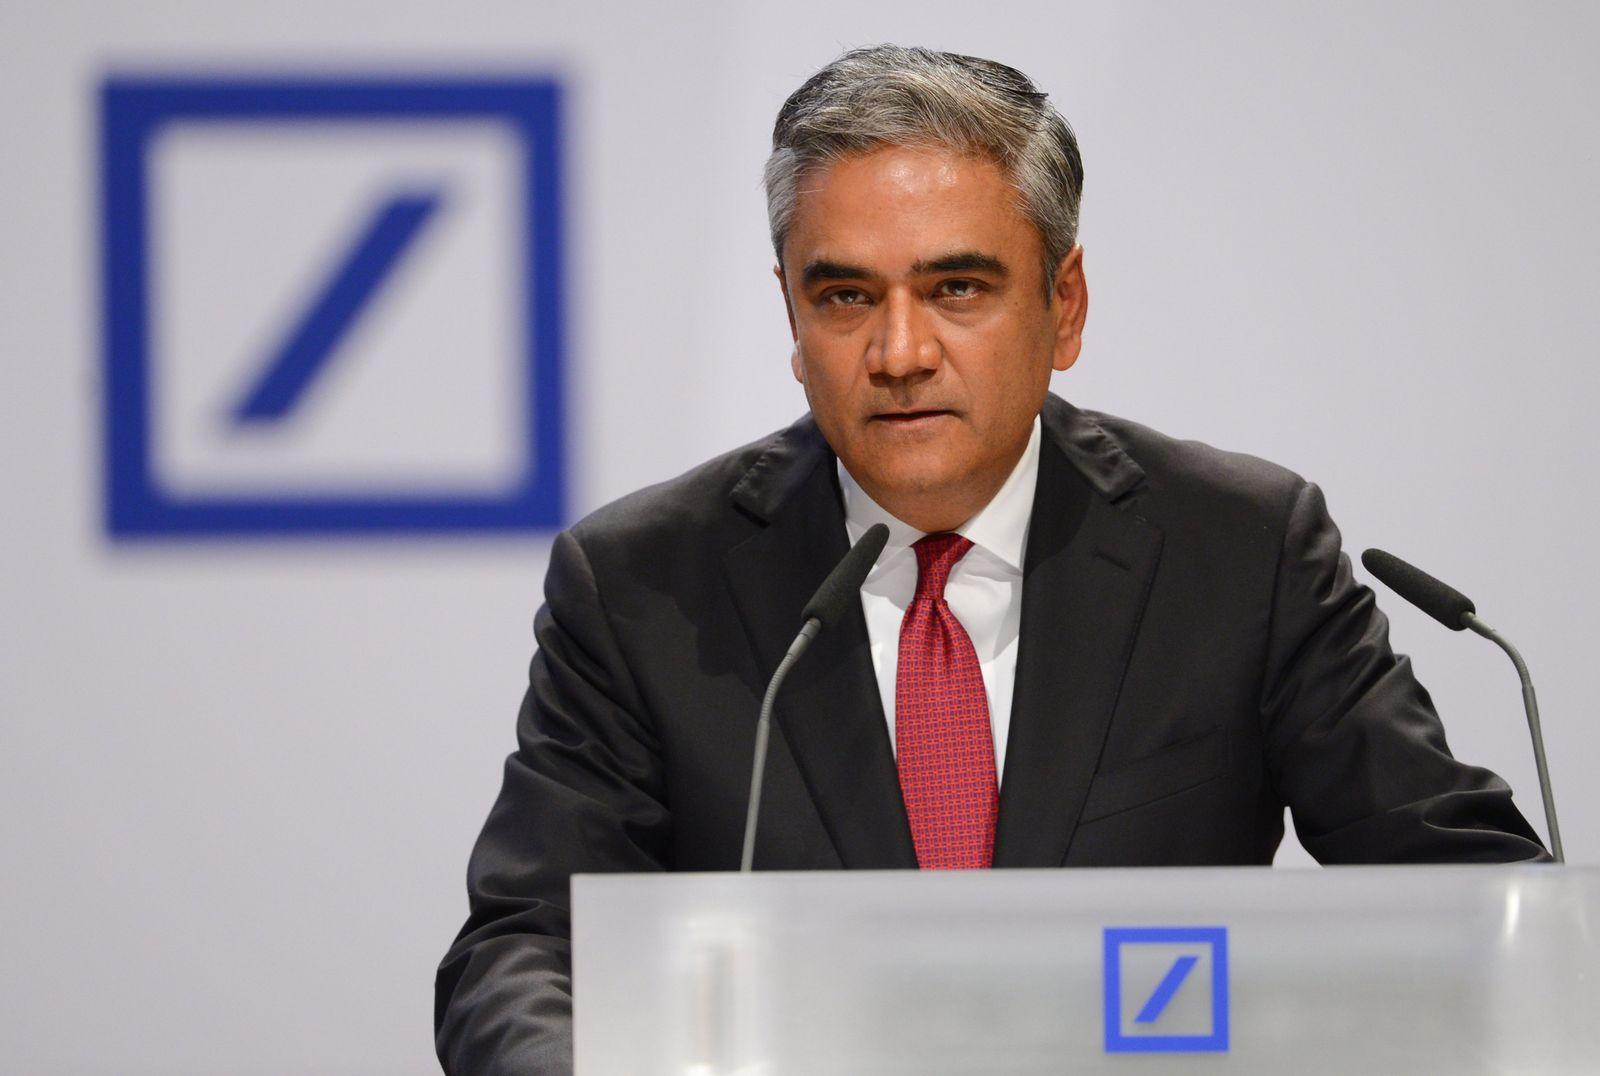 Jain / Deutsche Bank HV